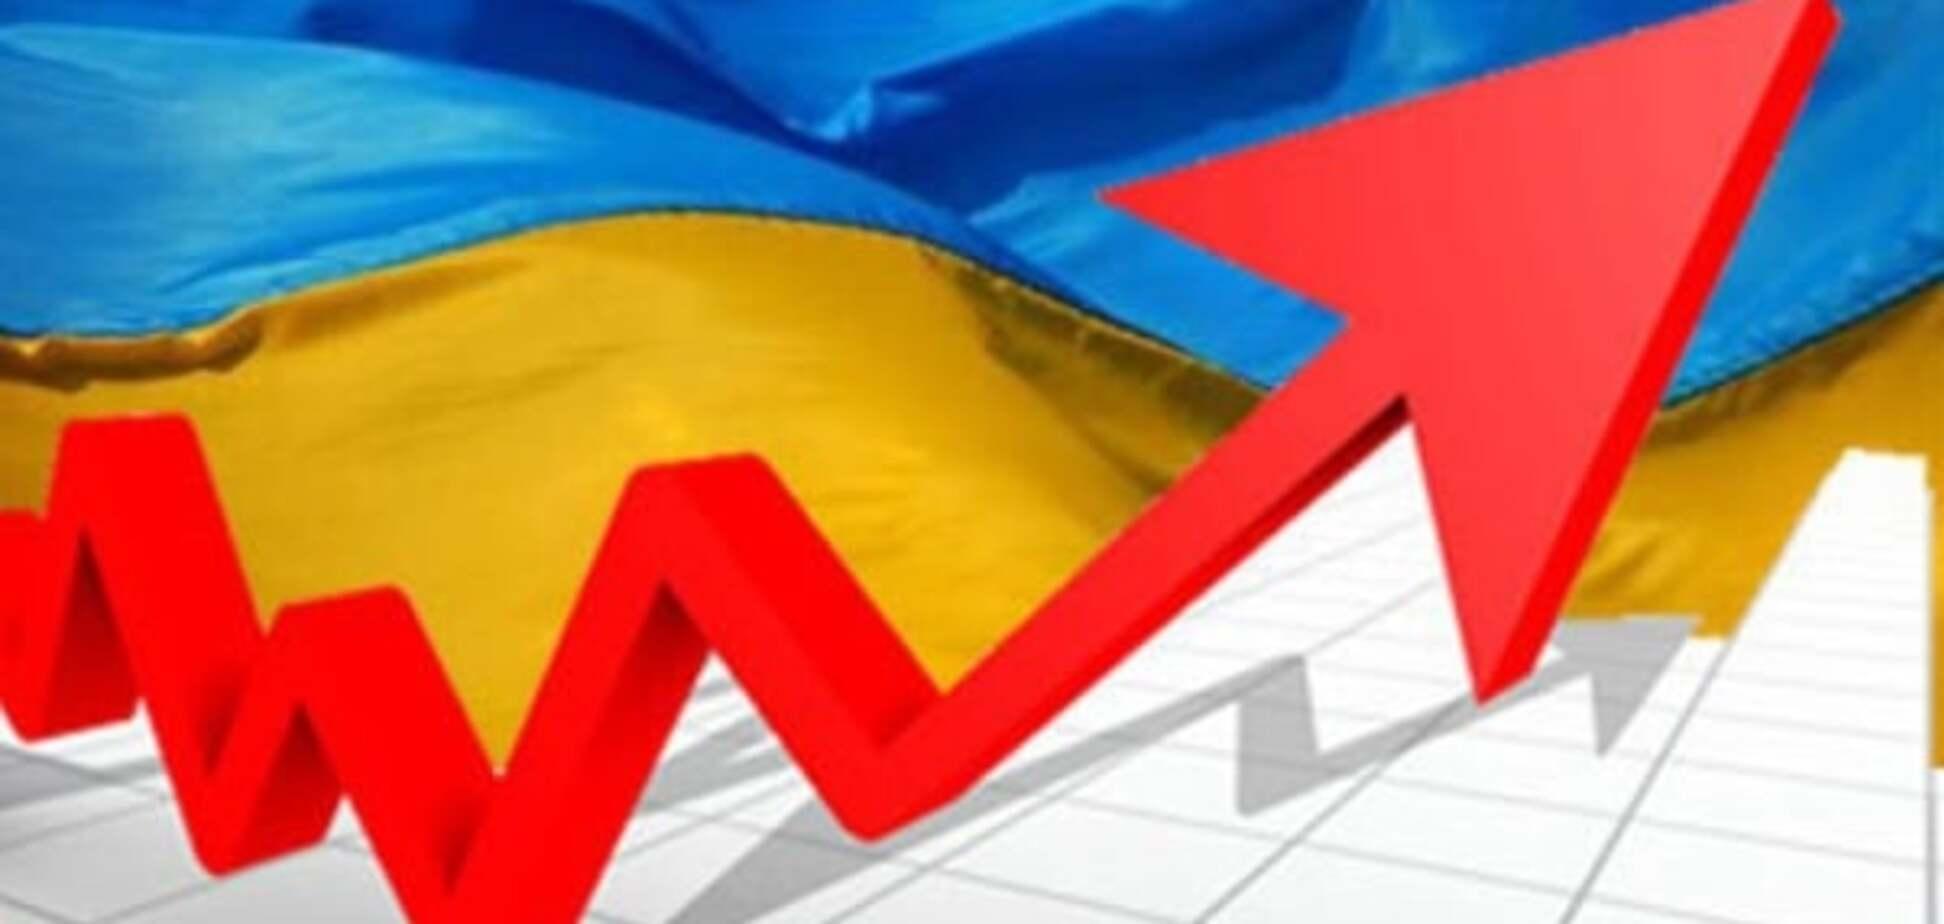 Експерт назвав головну умову відновлення української економіки